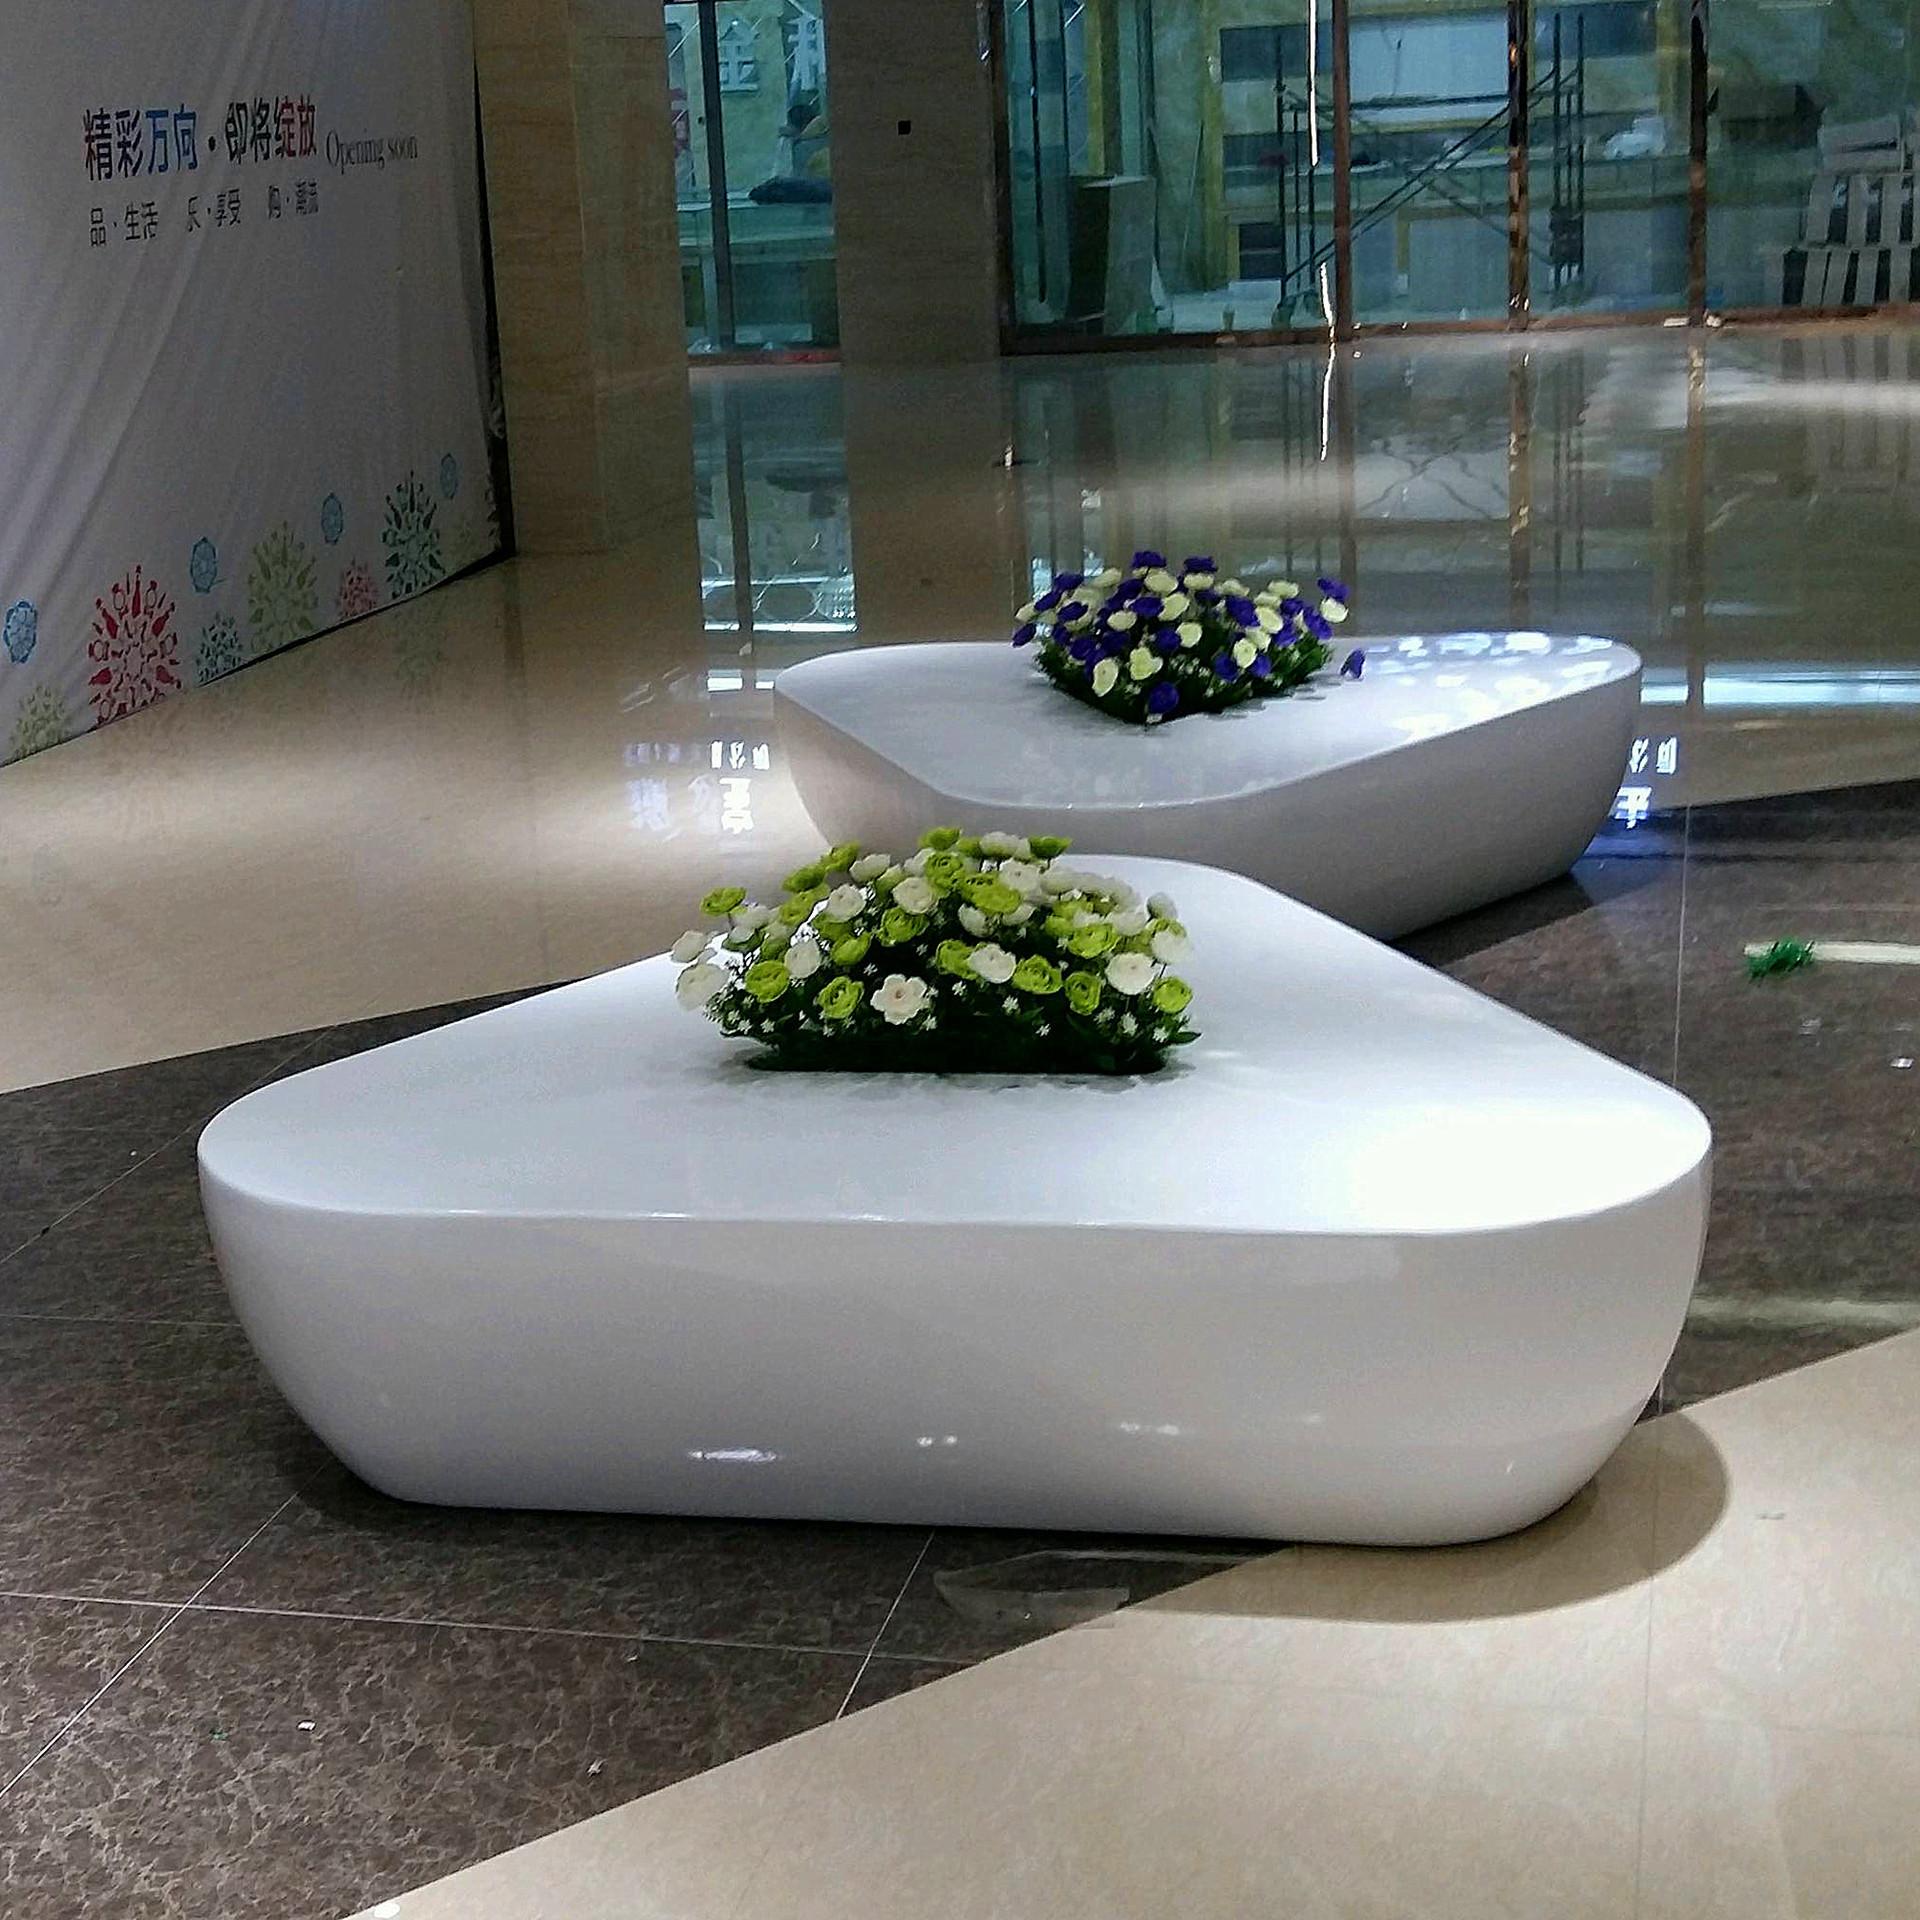 玻璃钢花盆定制艺术花盆造型玻璃钢商场美陈花钵休闲坐凳树池定做